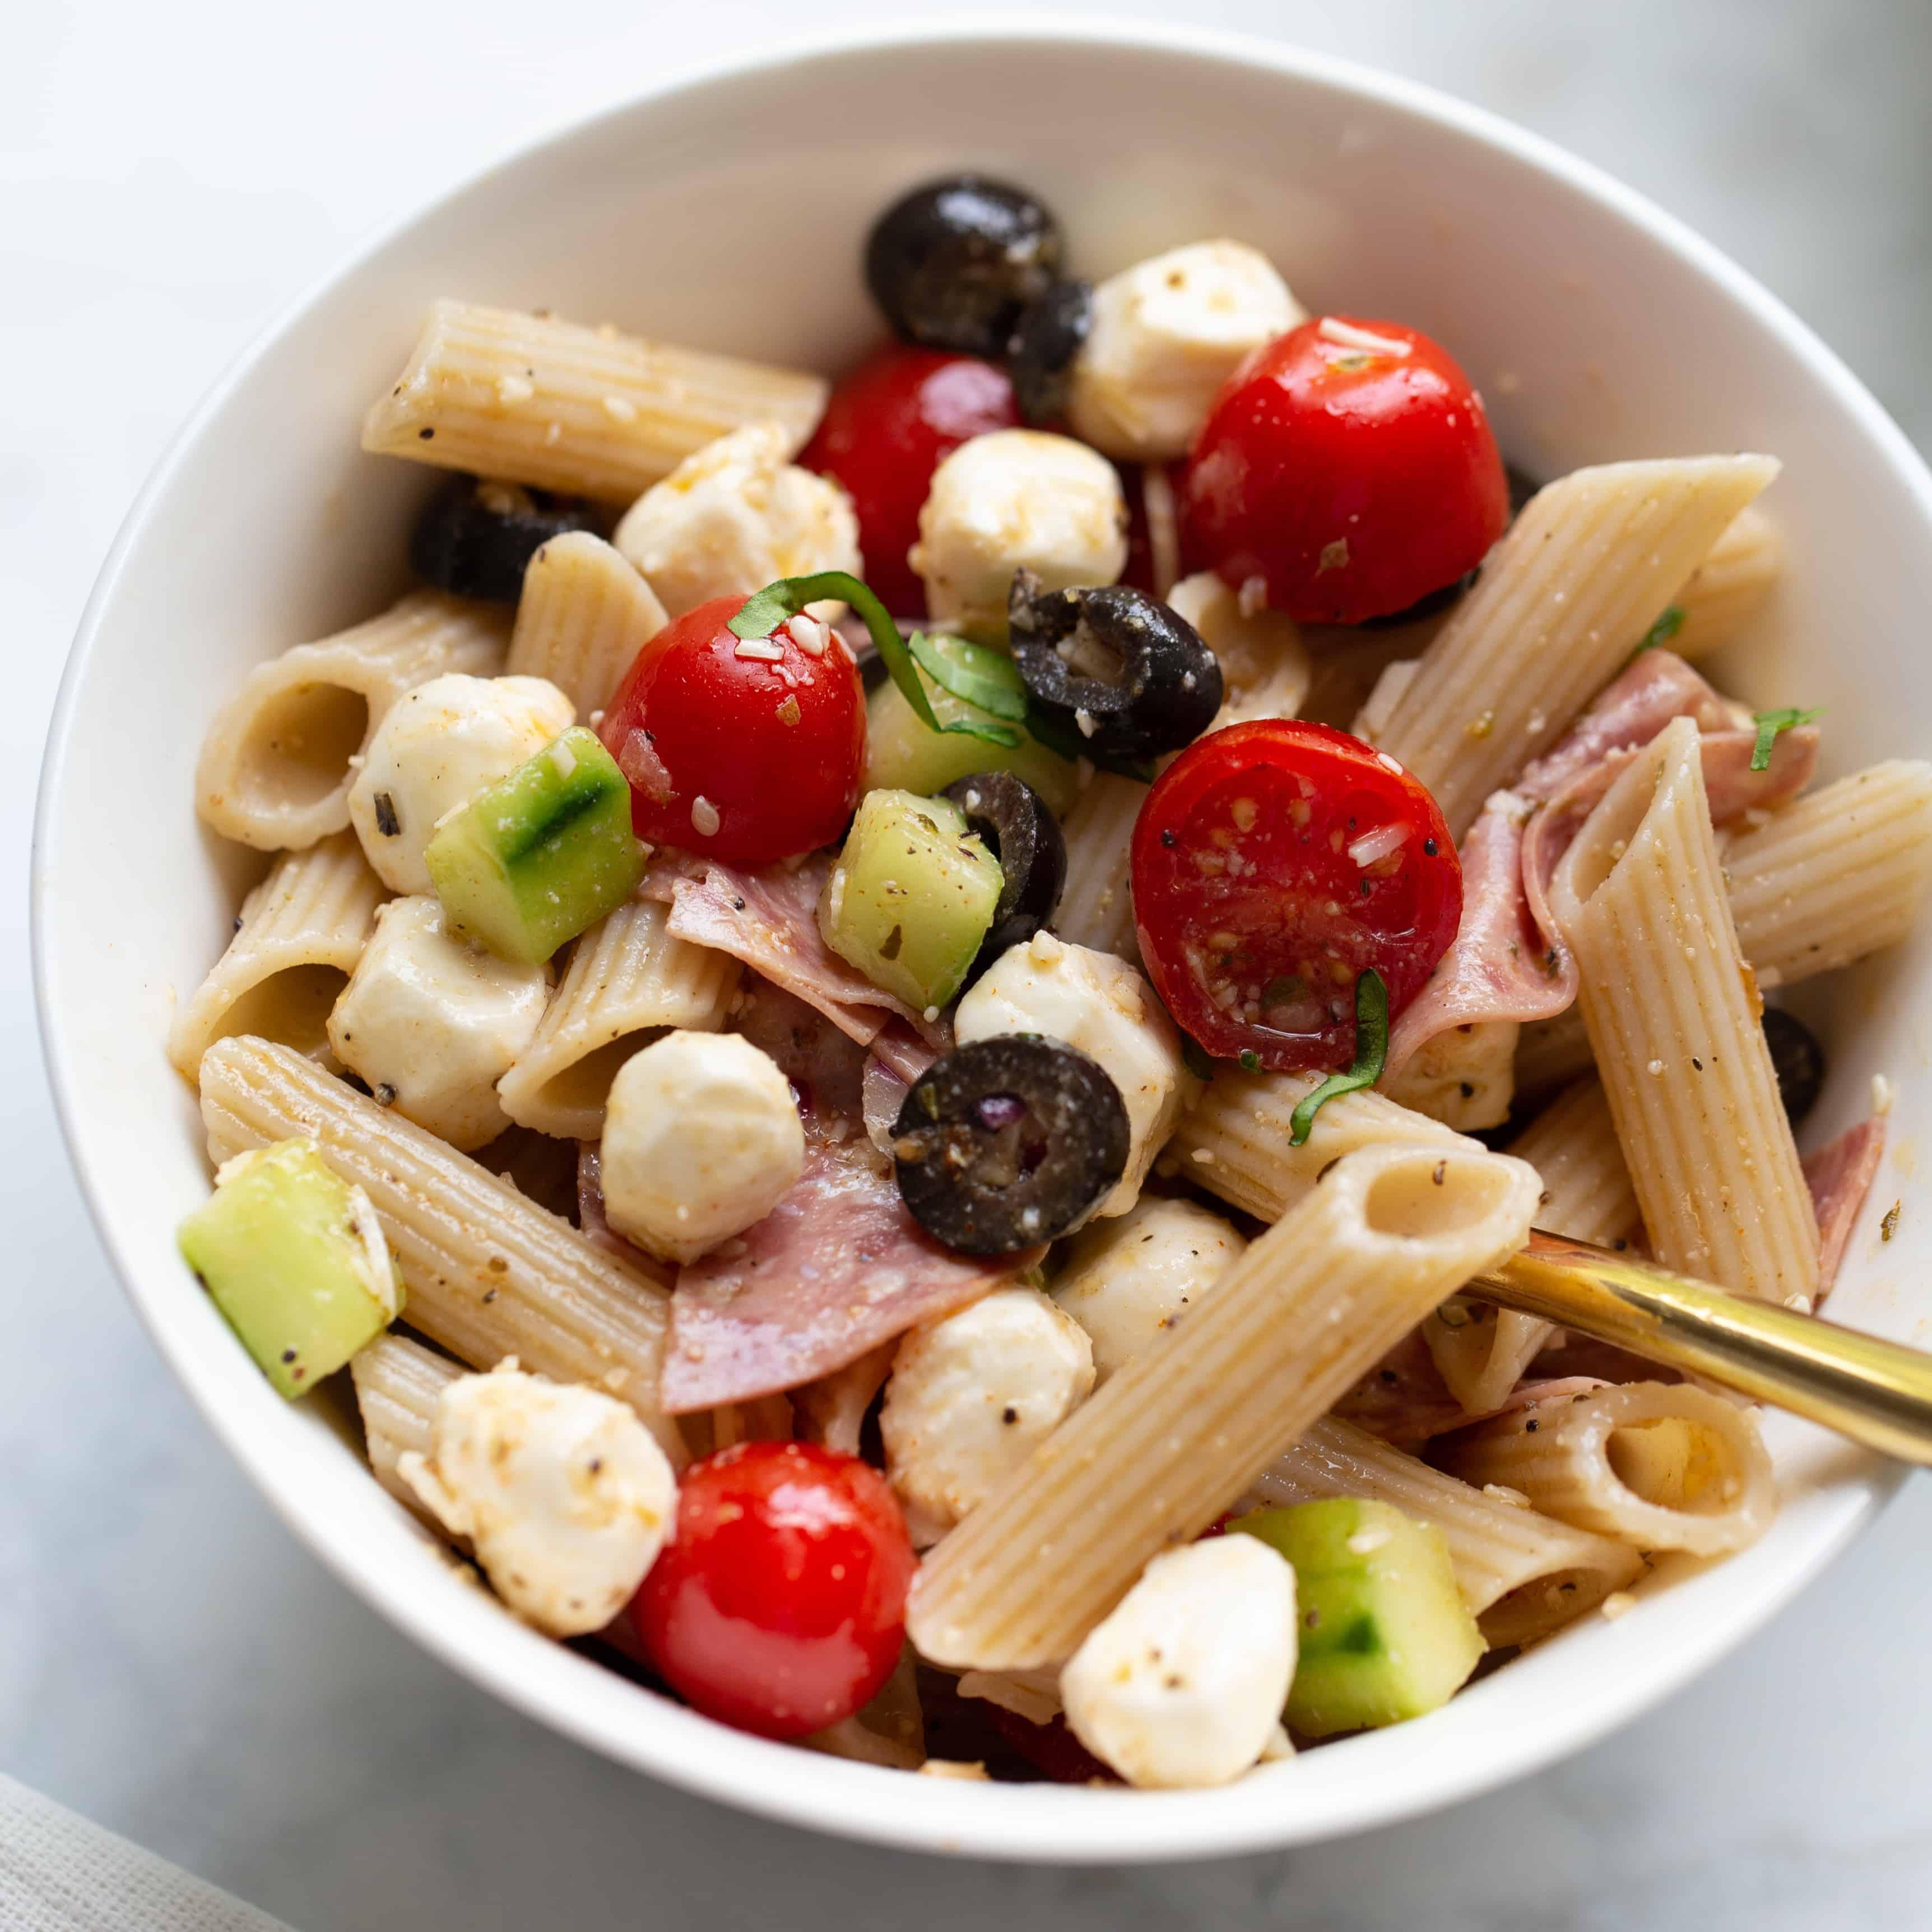 Fantastic Italian Pasta Salad Meaningful Eats Penne Pasta Salad Salami Penne Pasta Salad Calories nice food Penne Pasta Salad